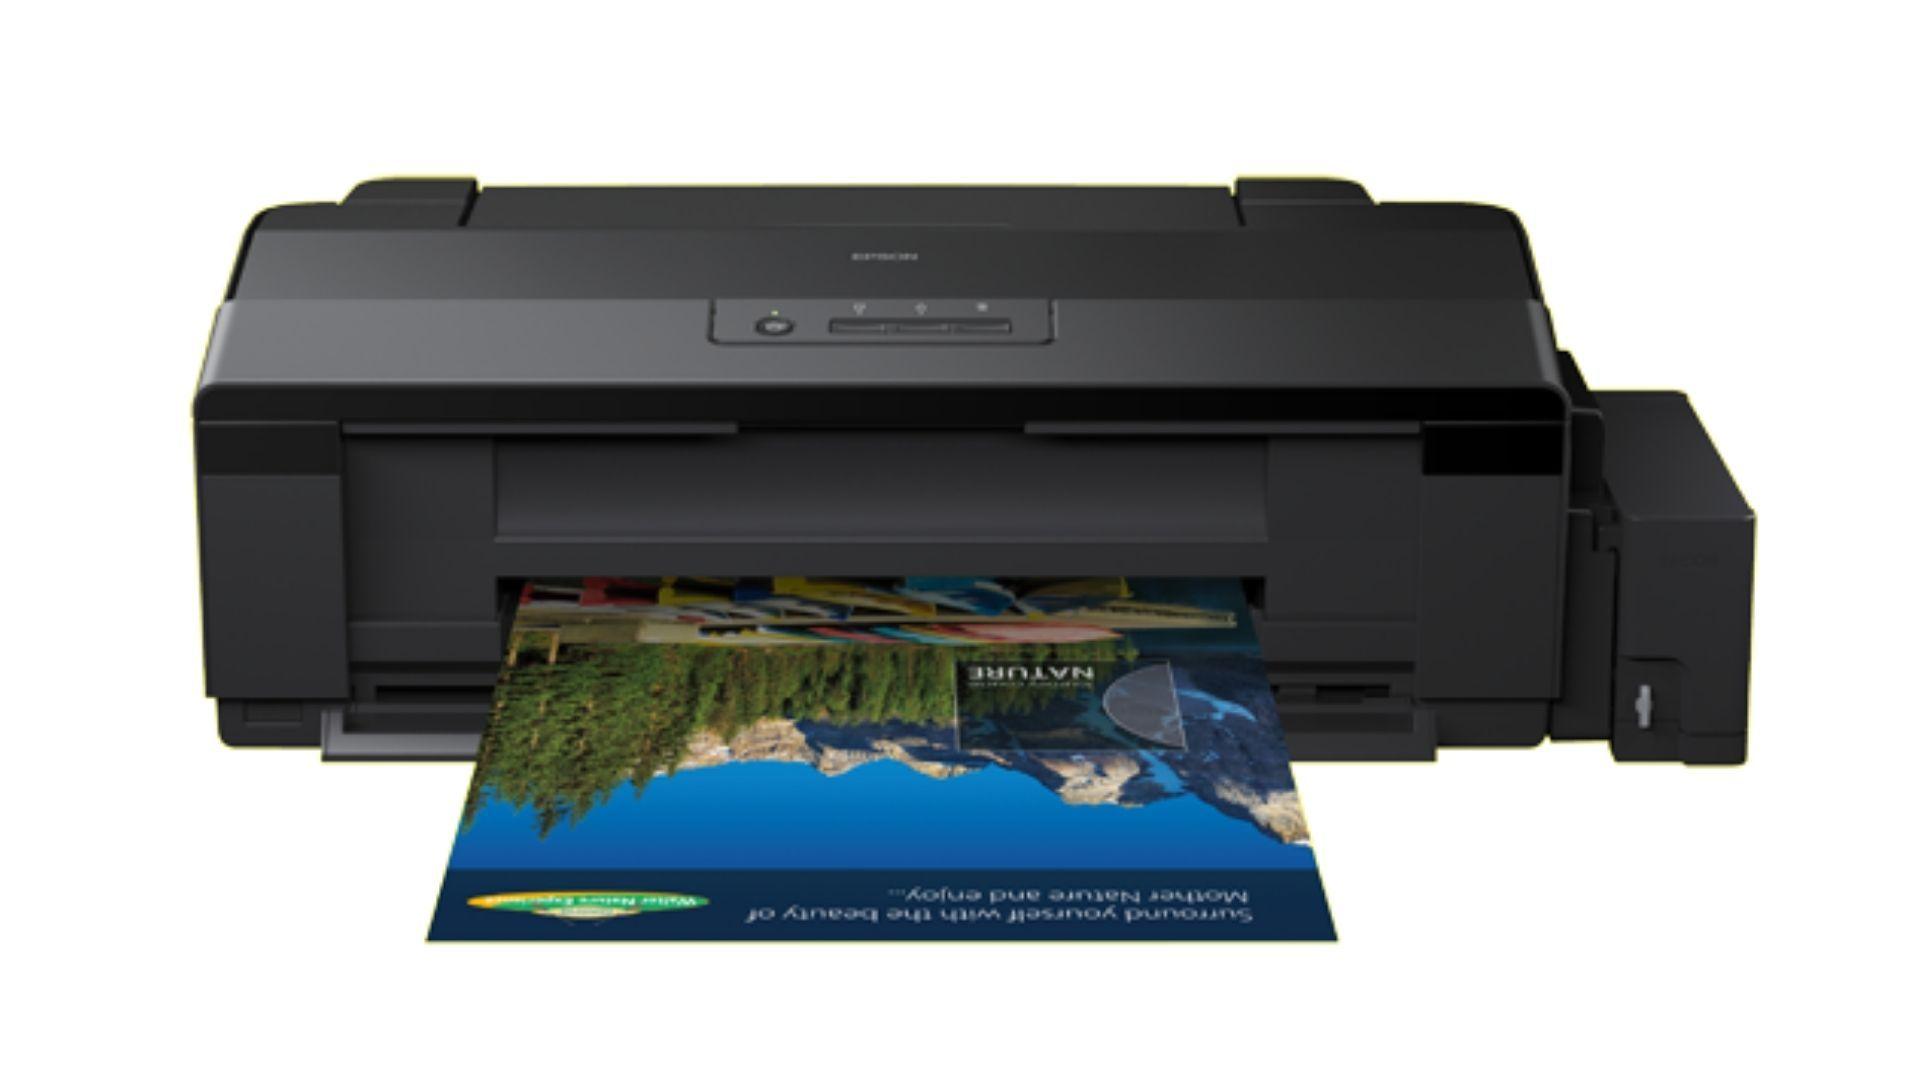 A impressora bulk ink Epson L1800 garante impressões de qualidade profissional (Divulgação/ Epson)